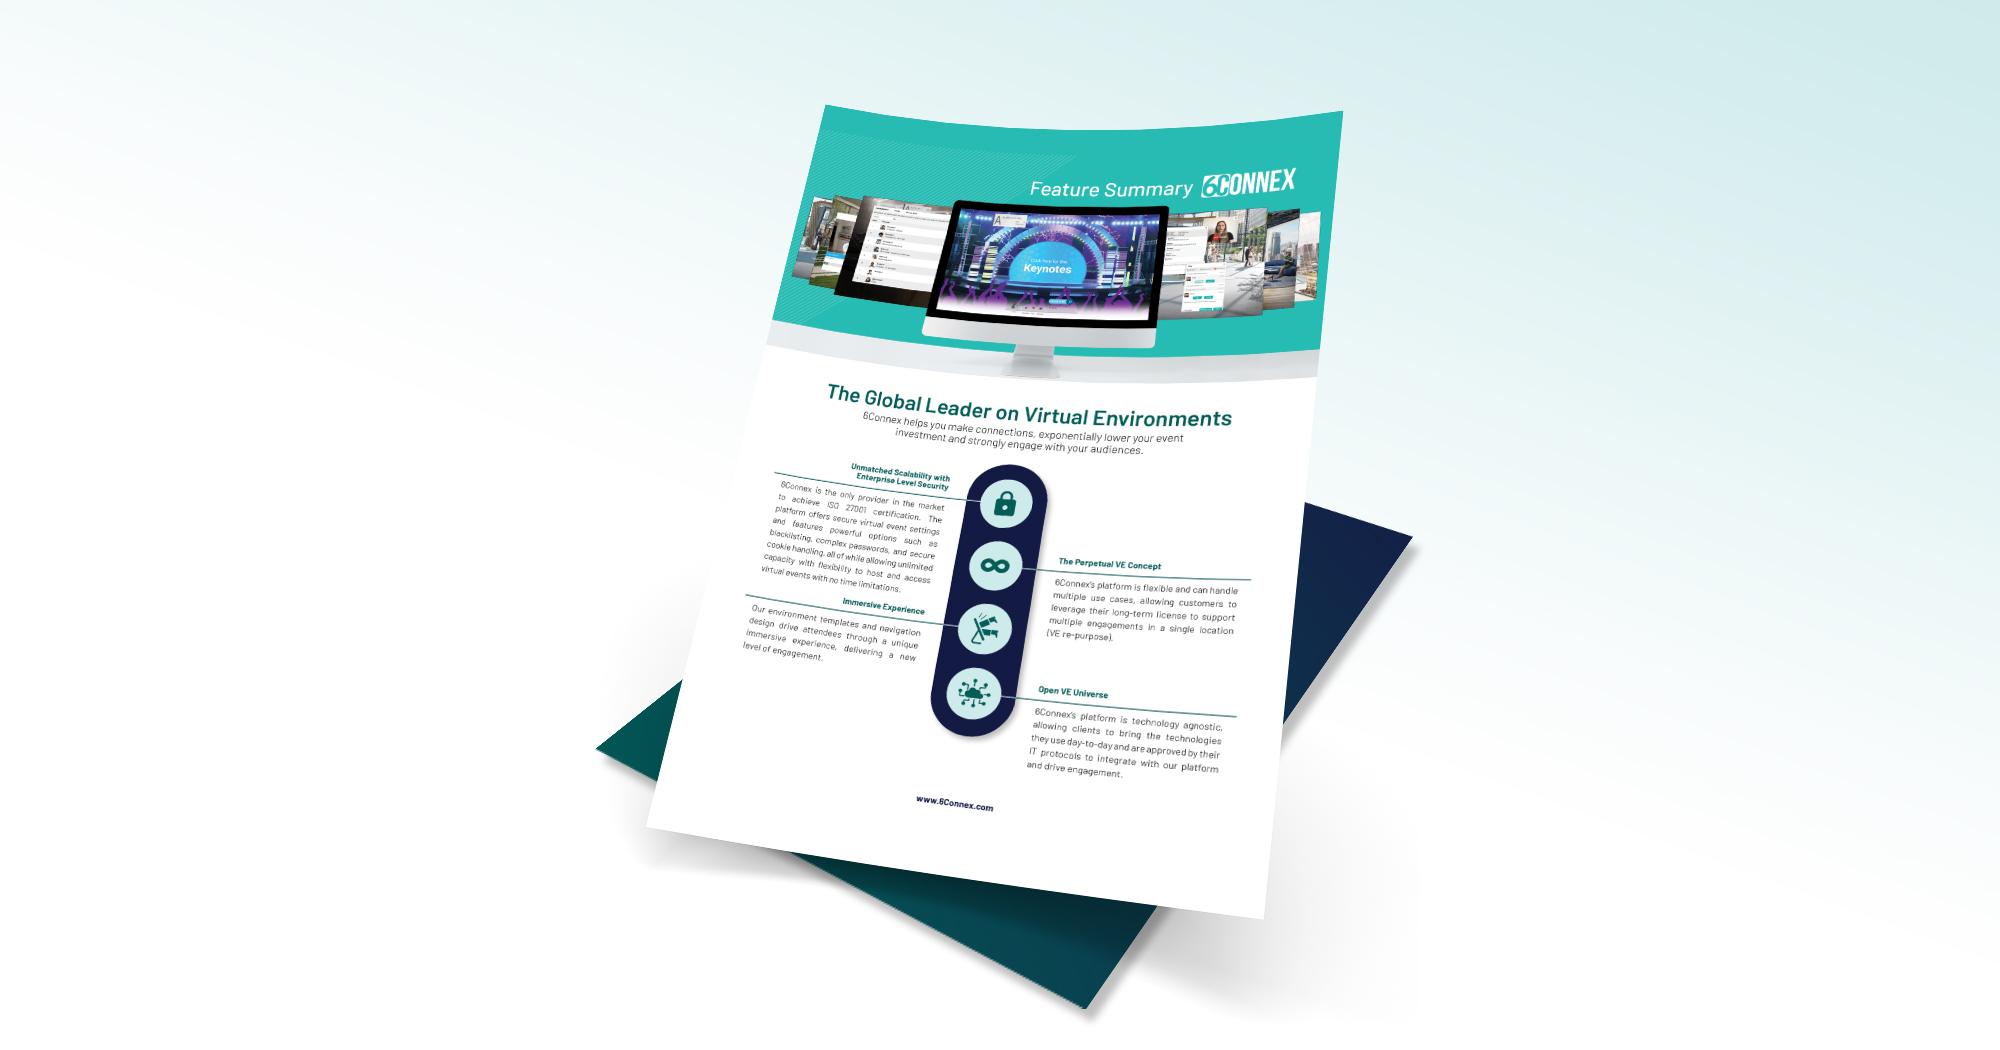 6connex virtual event platform features